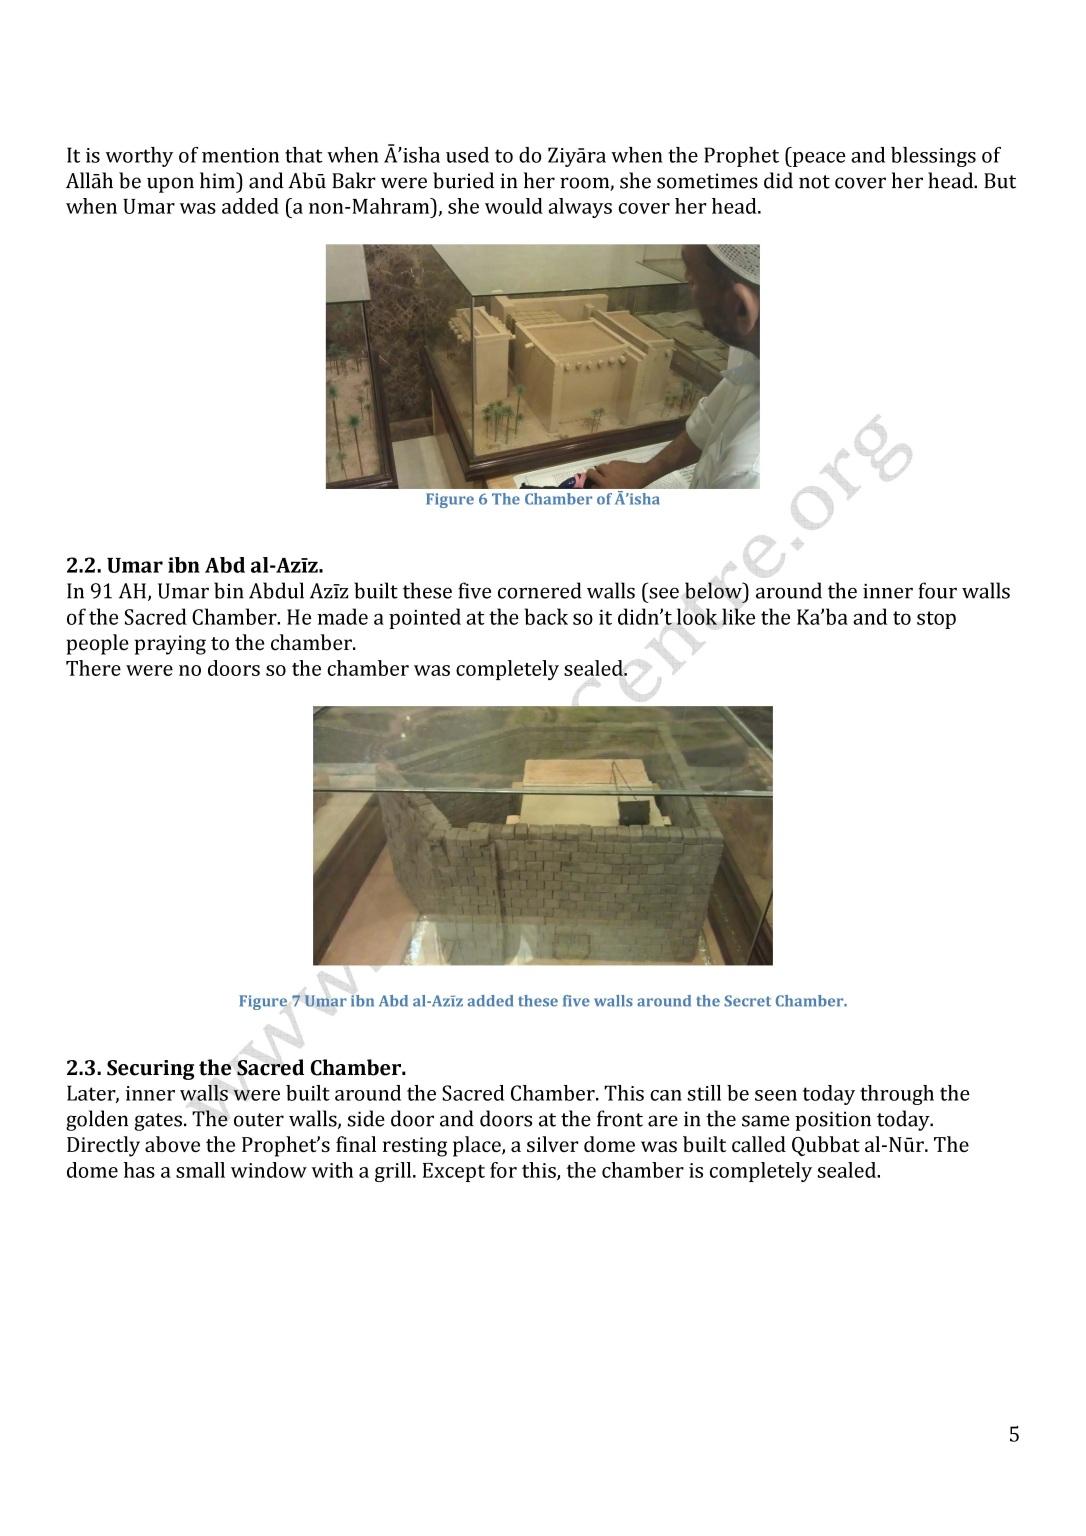 HistoryofMasjidNabawi_Page_05